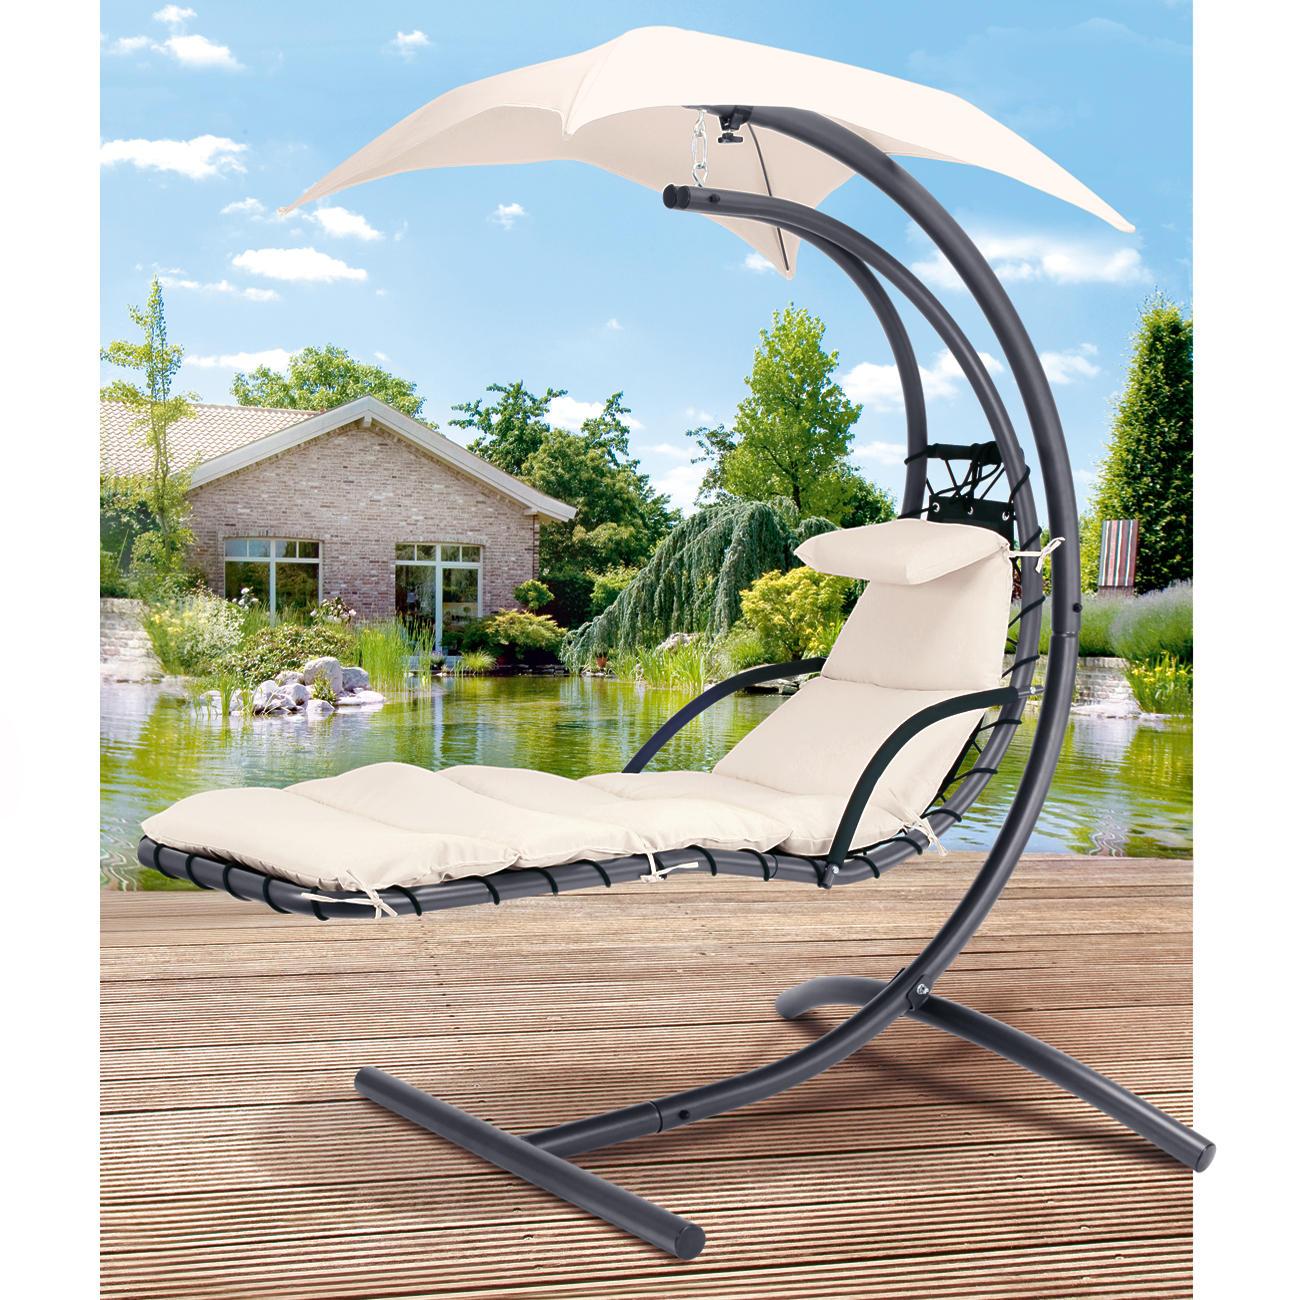 schwebeliege 3 jahre garantie pro idee. Black Bedroom Furniture Sets. Home Design Ideas